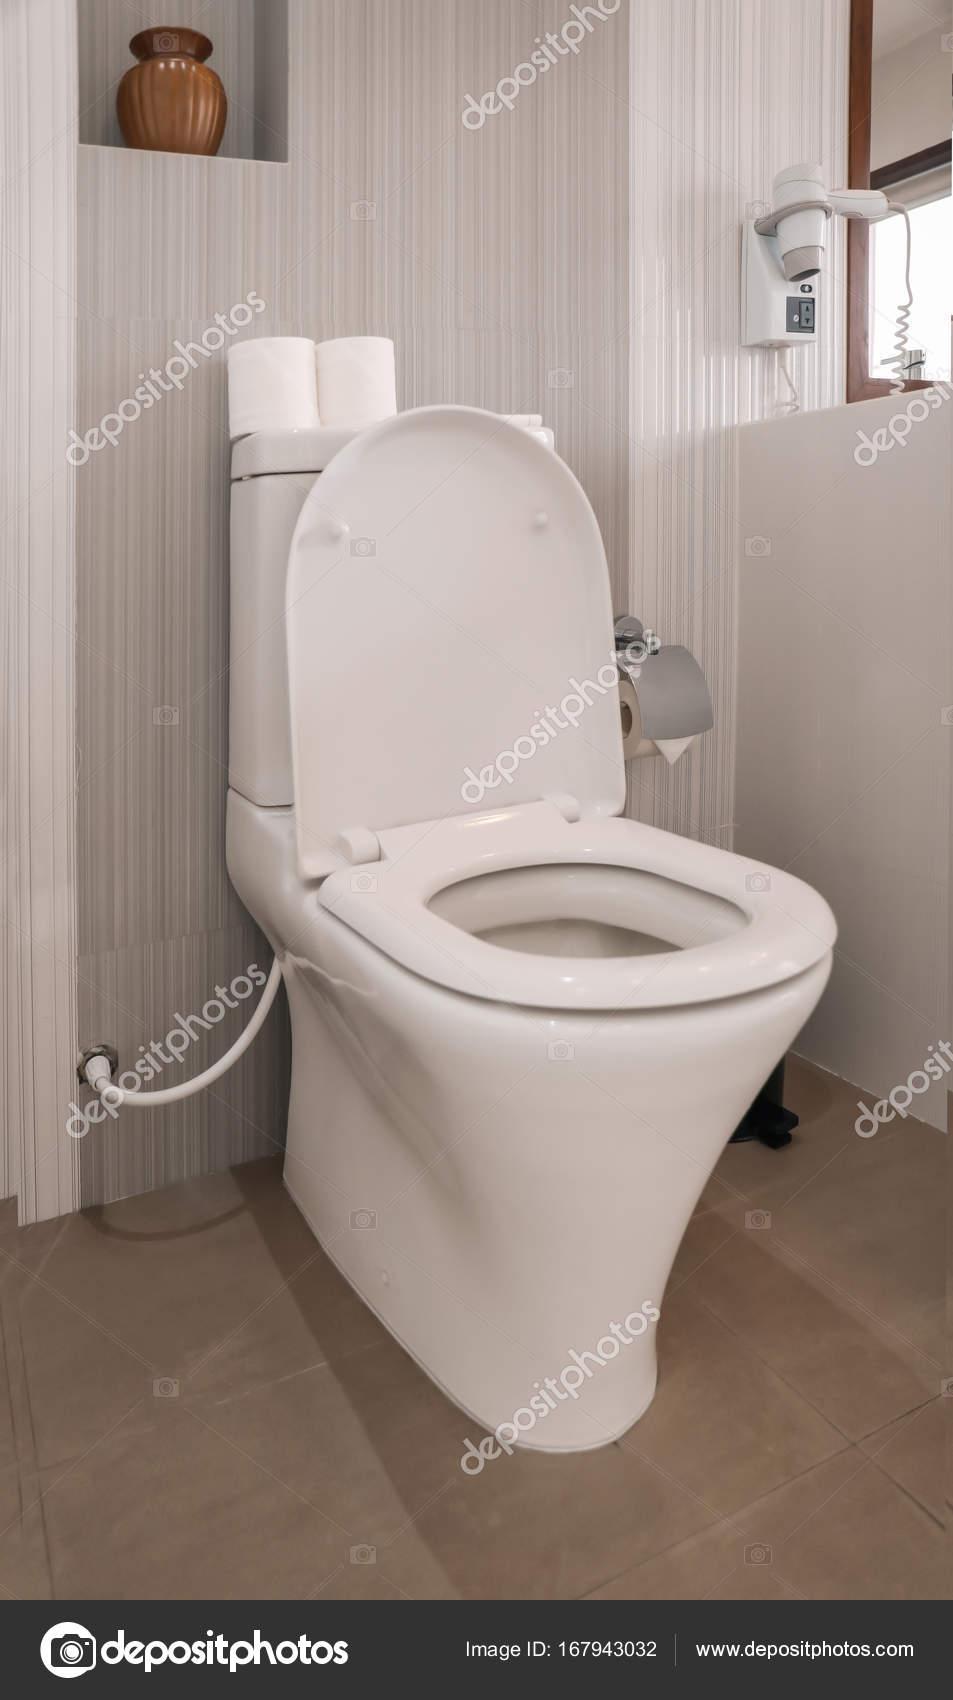 Cuvette de toilette dans les toilettes modernes ...